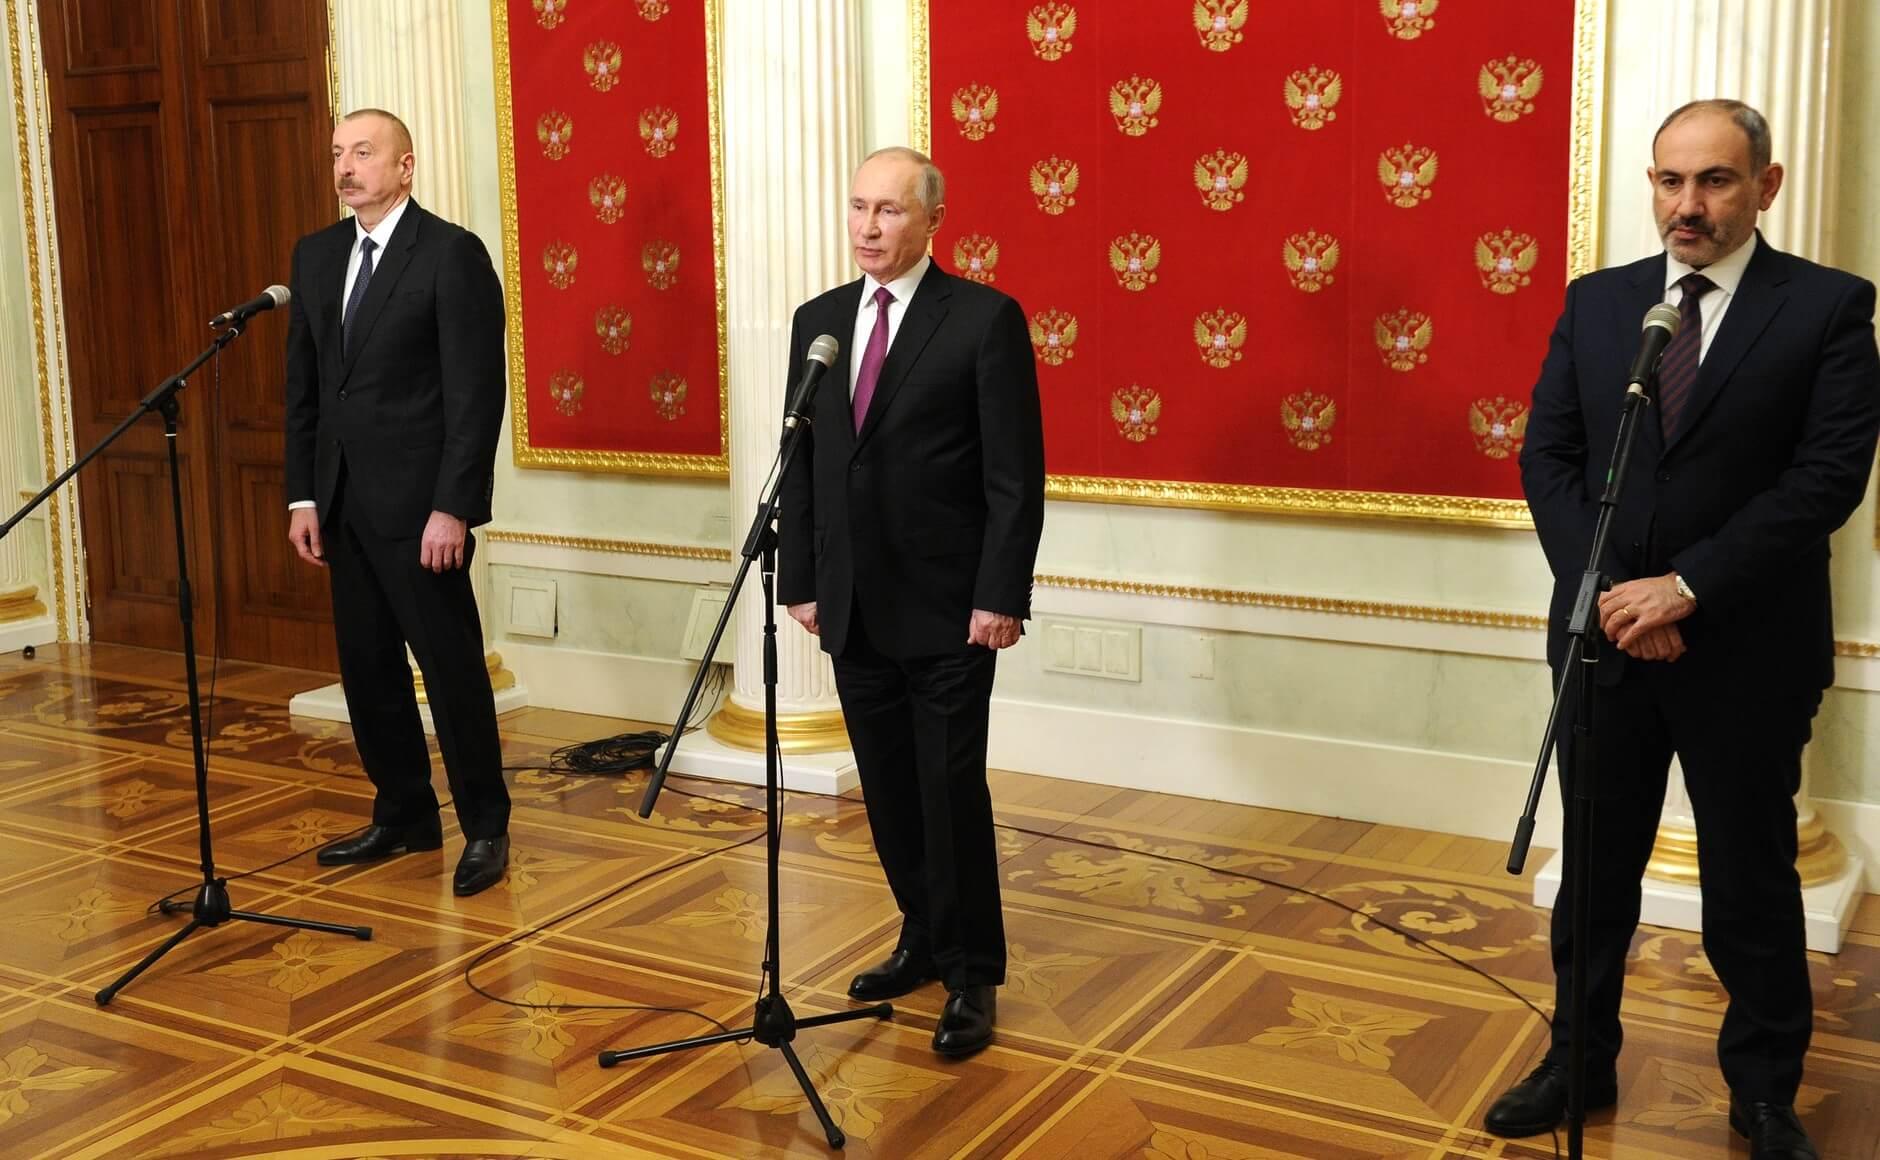 Владимир Путин с Ильхамом Алиевым и Николой Пашиняном